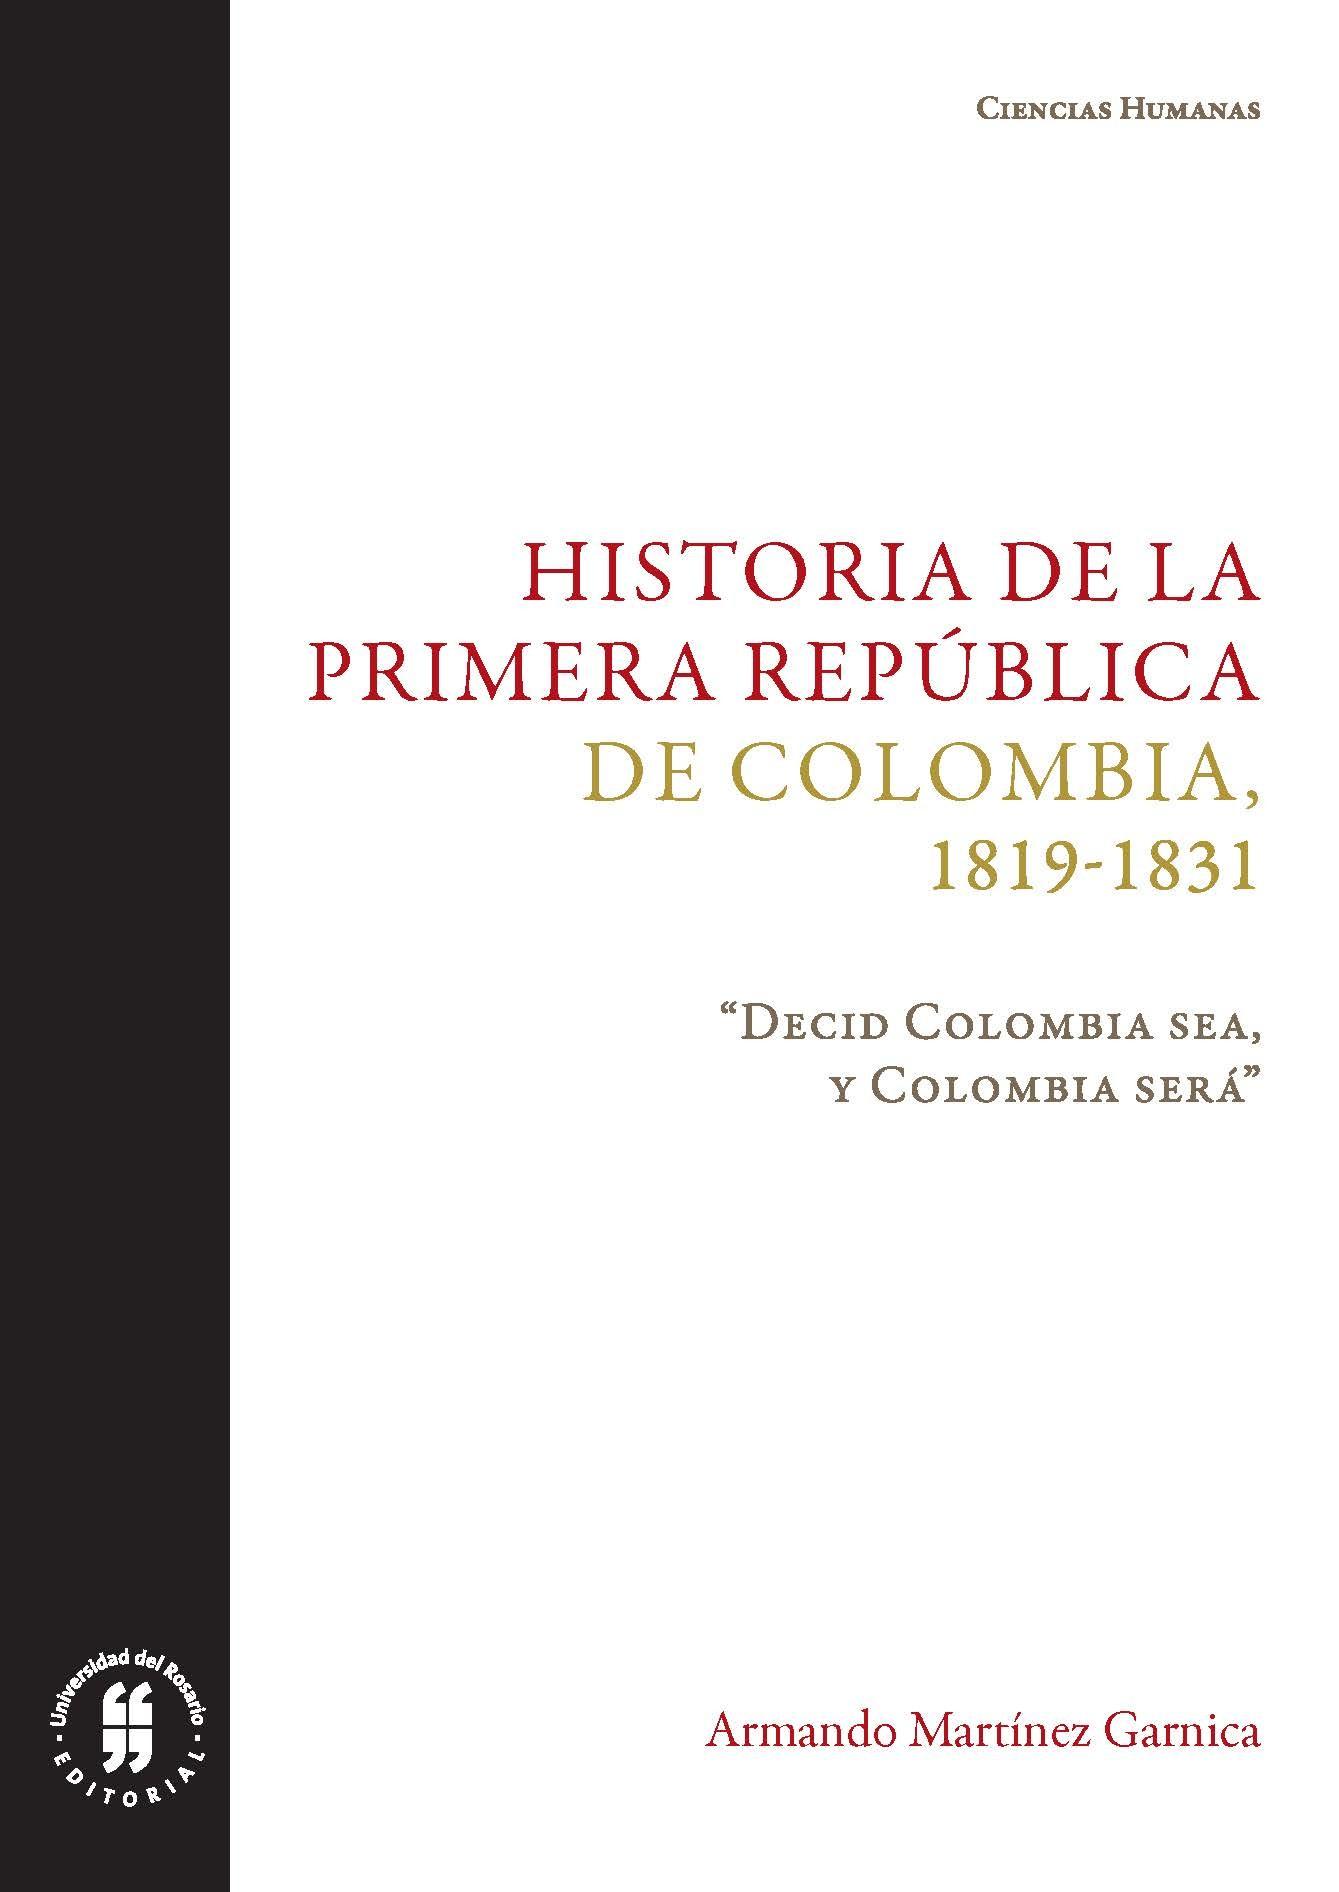 Historia de la primera República de Colombia (1819-1831). Decid Colombia sea, y Colombia será